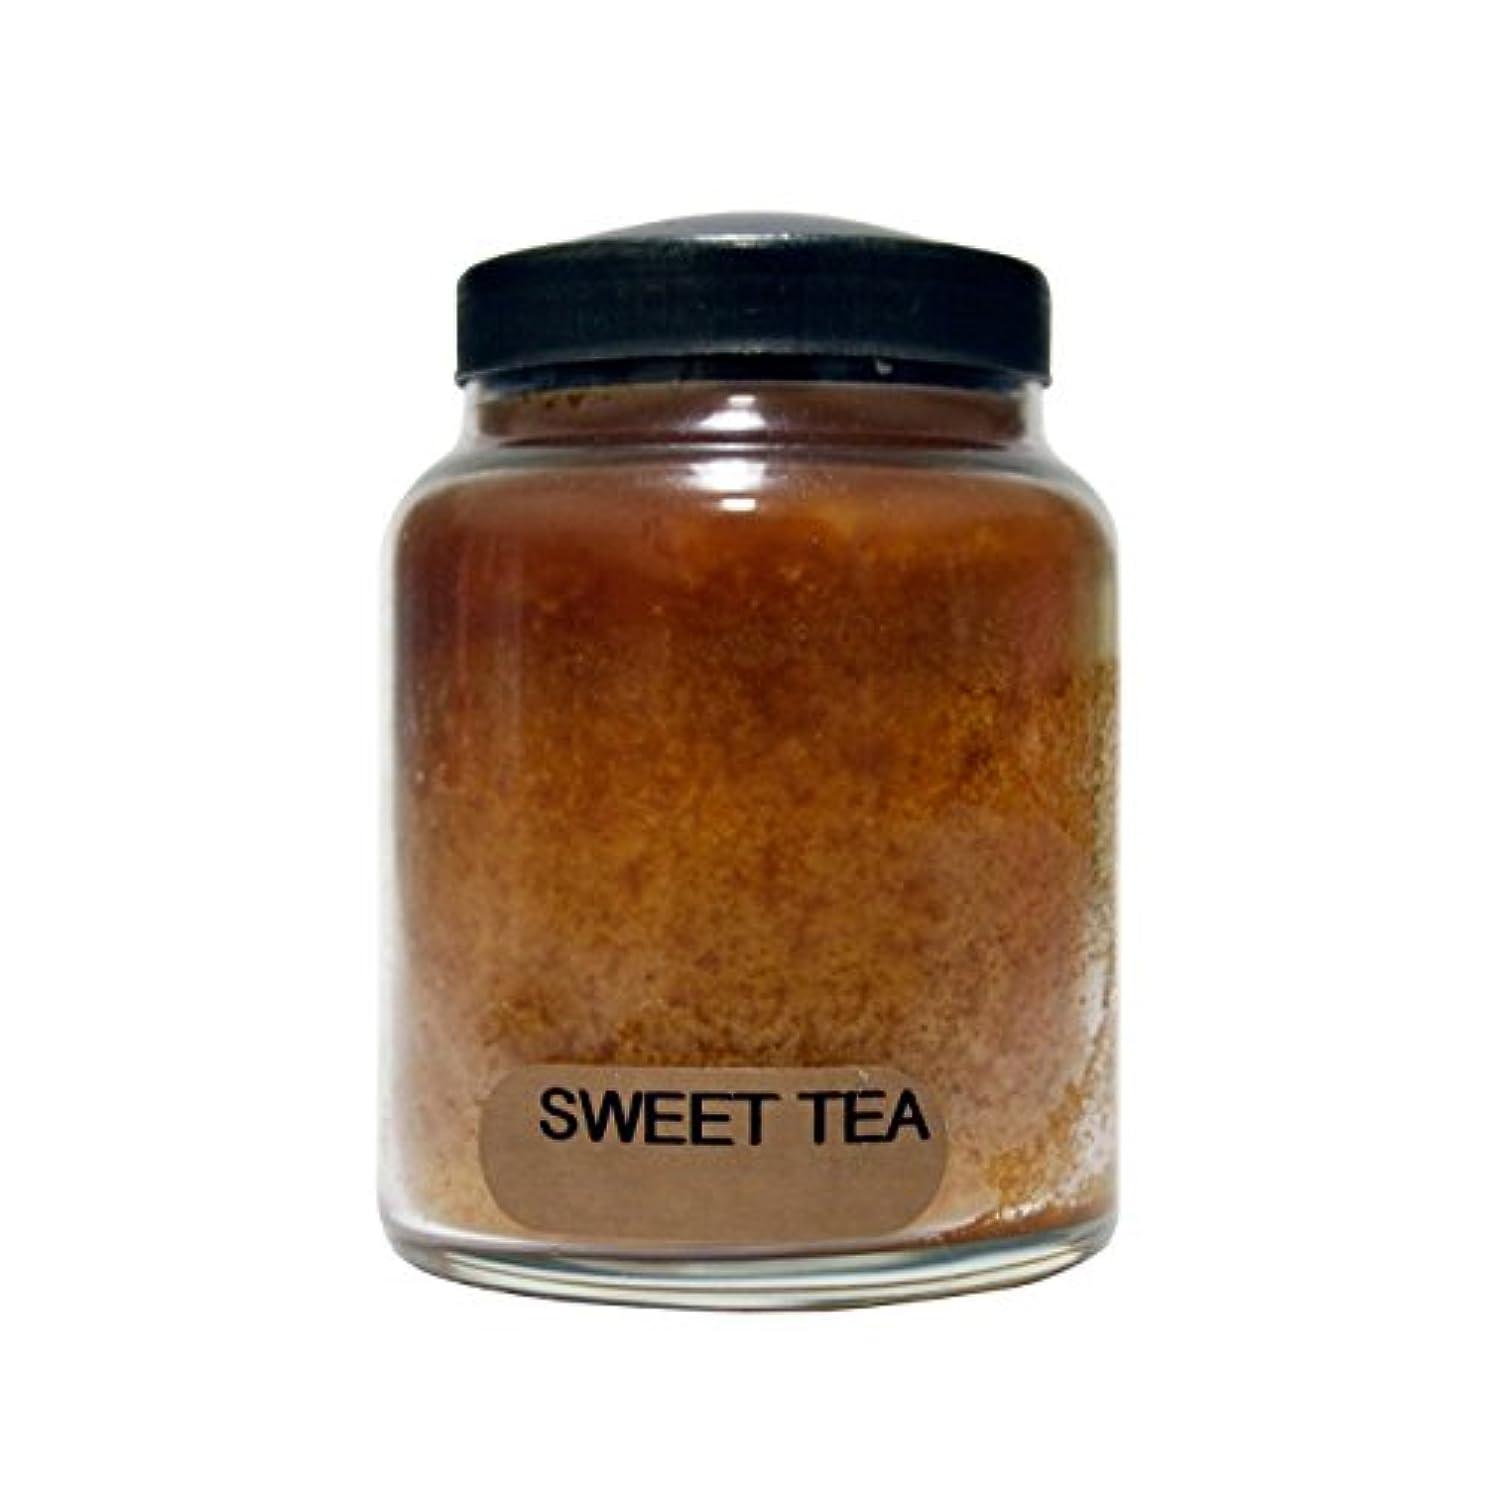 蛾トラブル救援A Cheerful Giver Sweet Tea Baby Jar Candle, 6-Ounce [並行輸入品]